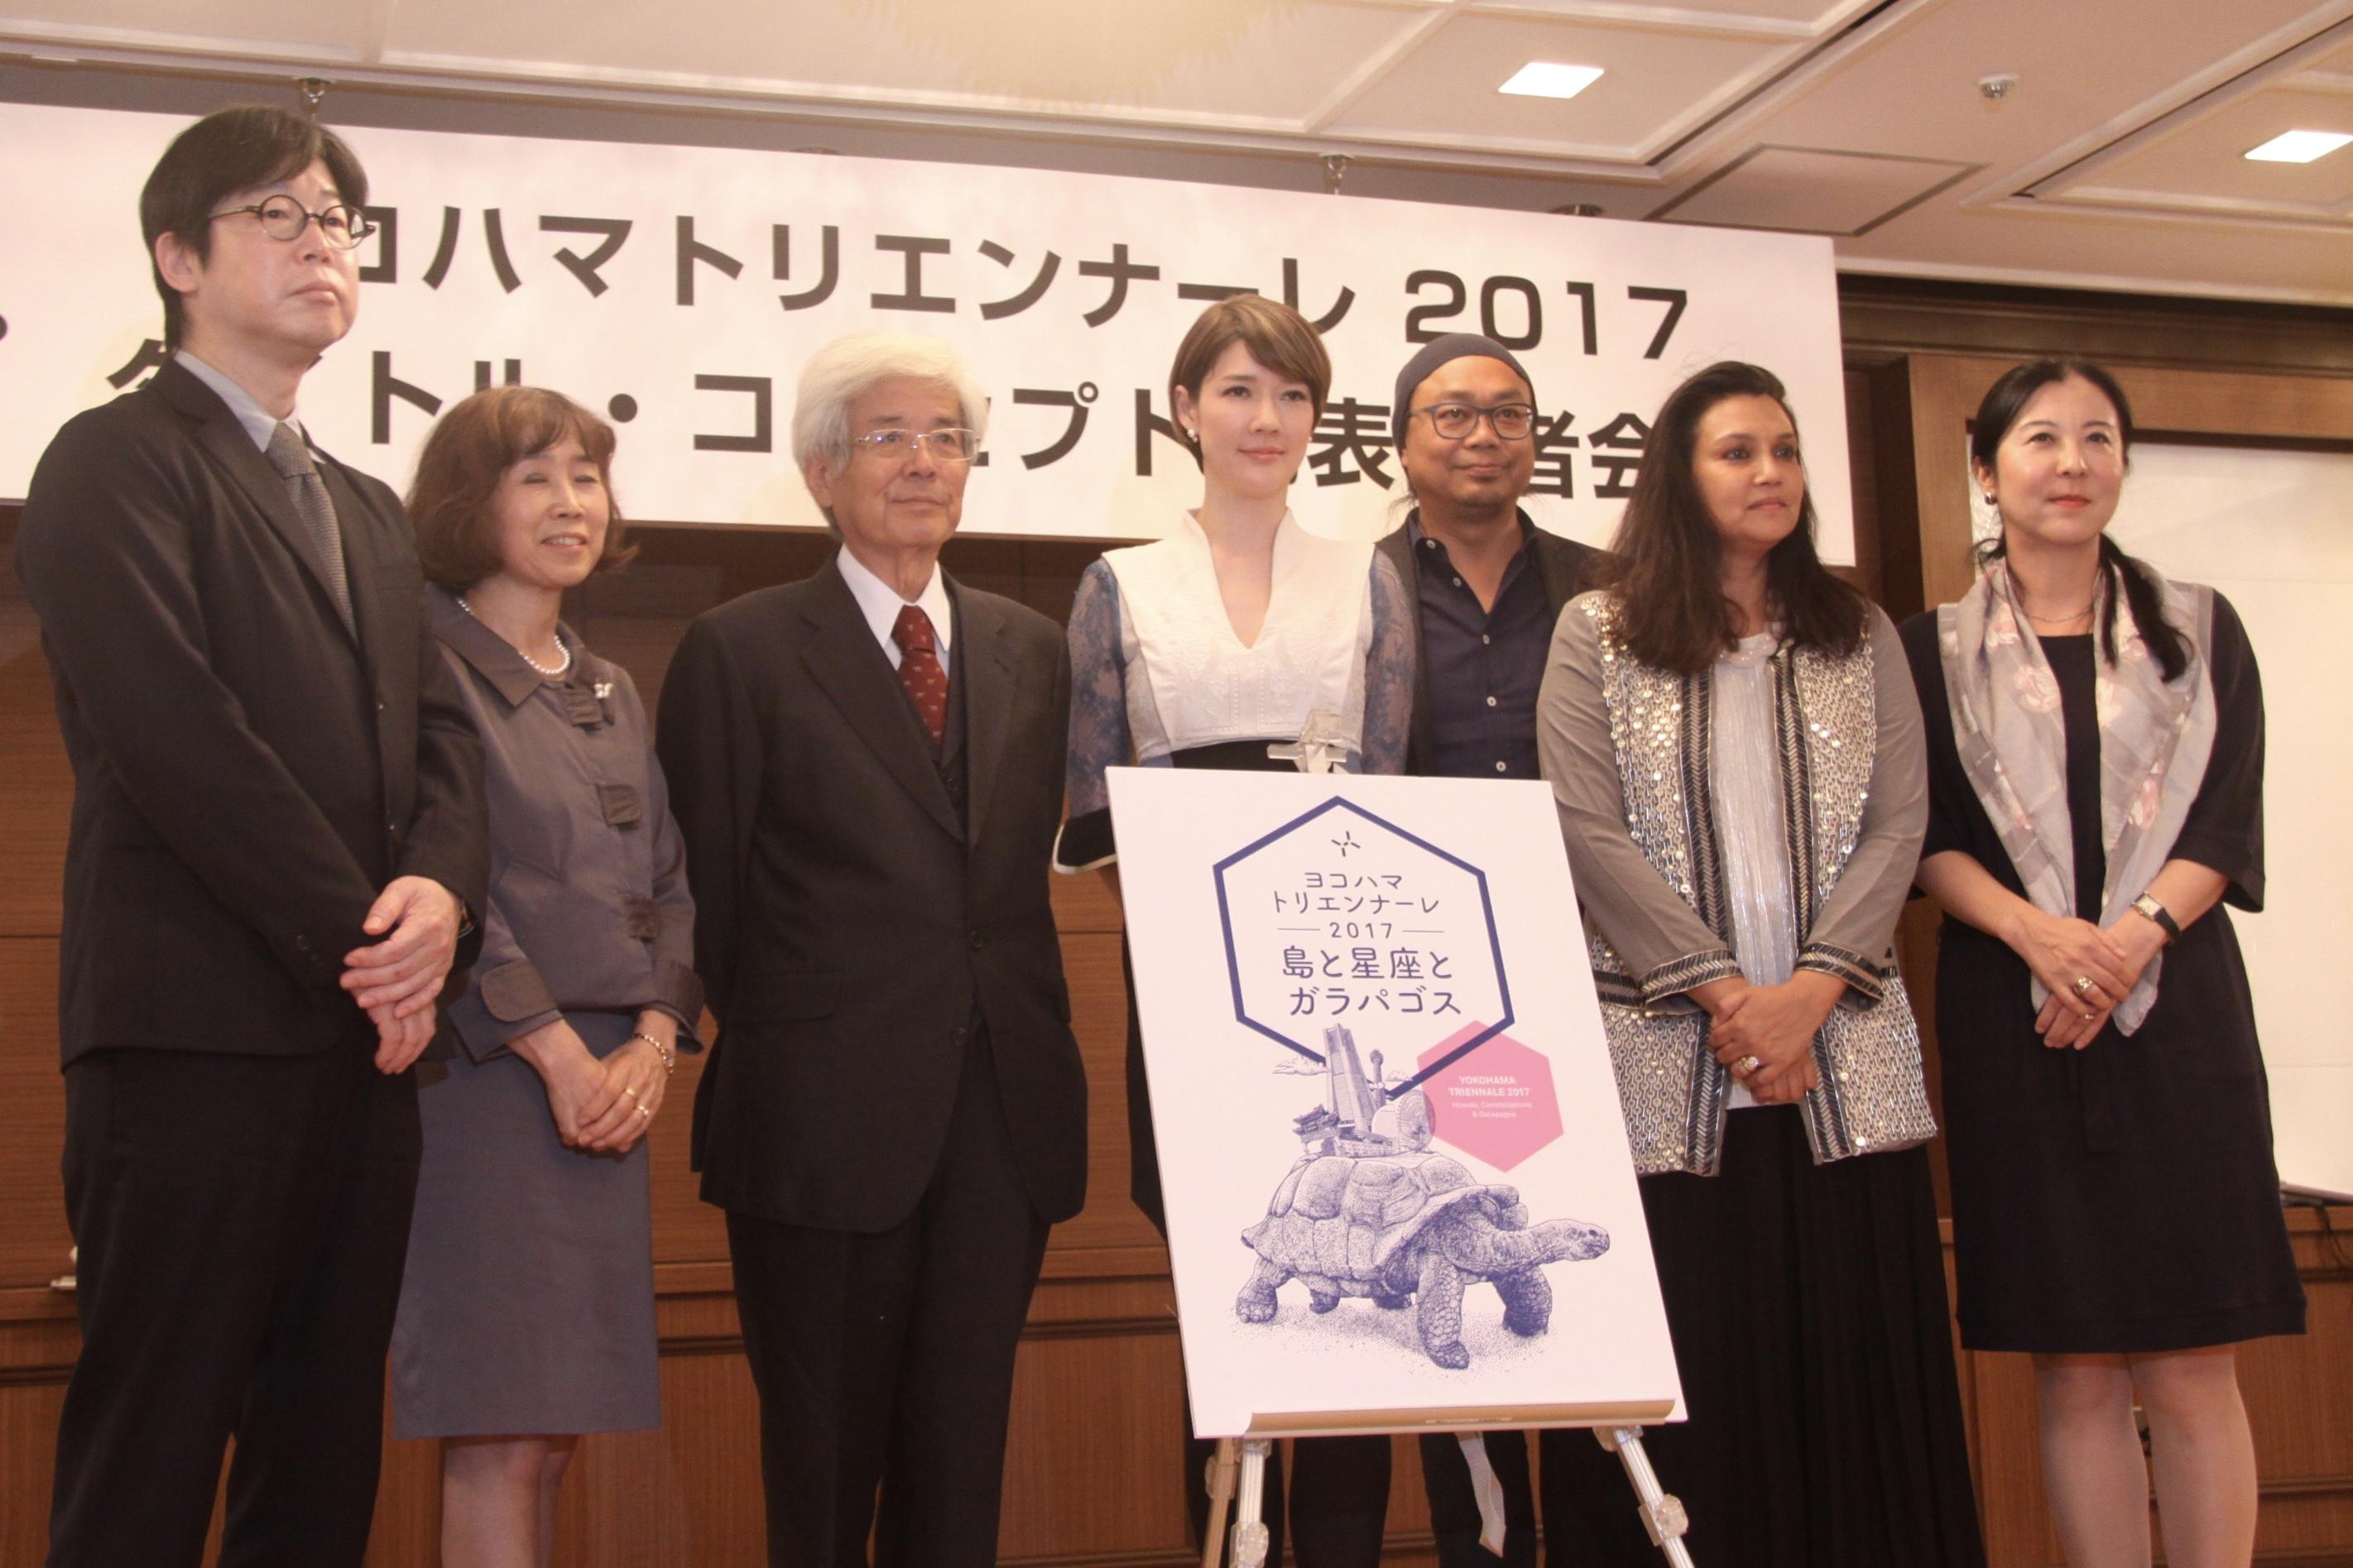 ヨコハマトリエンナーレ2017「島と星座とガラパゴス」構想会議メンバー